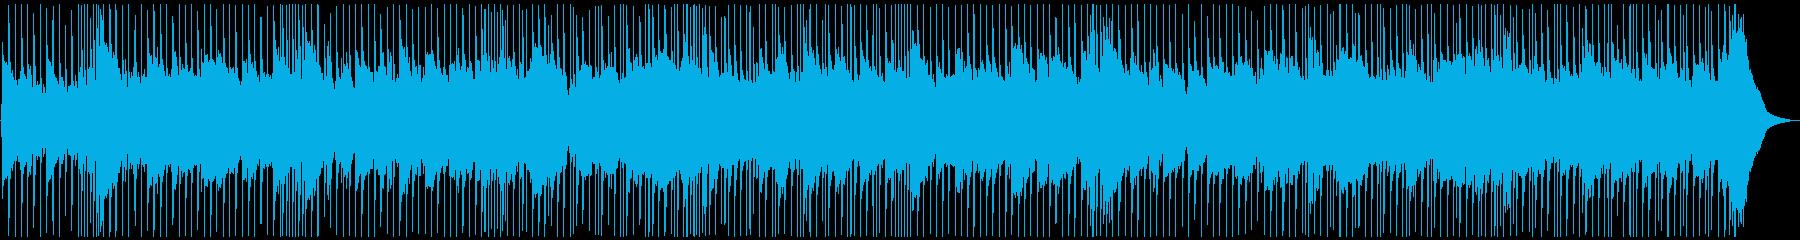 ハードロックバラードの再生済みの波形